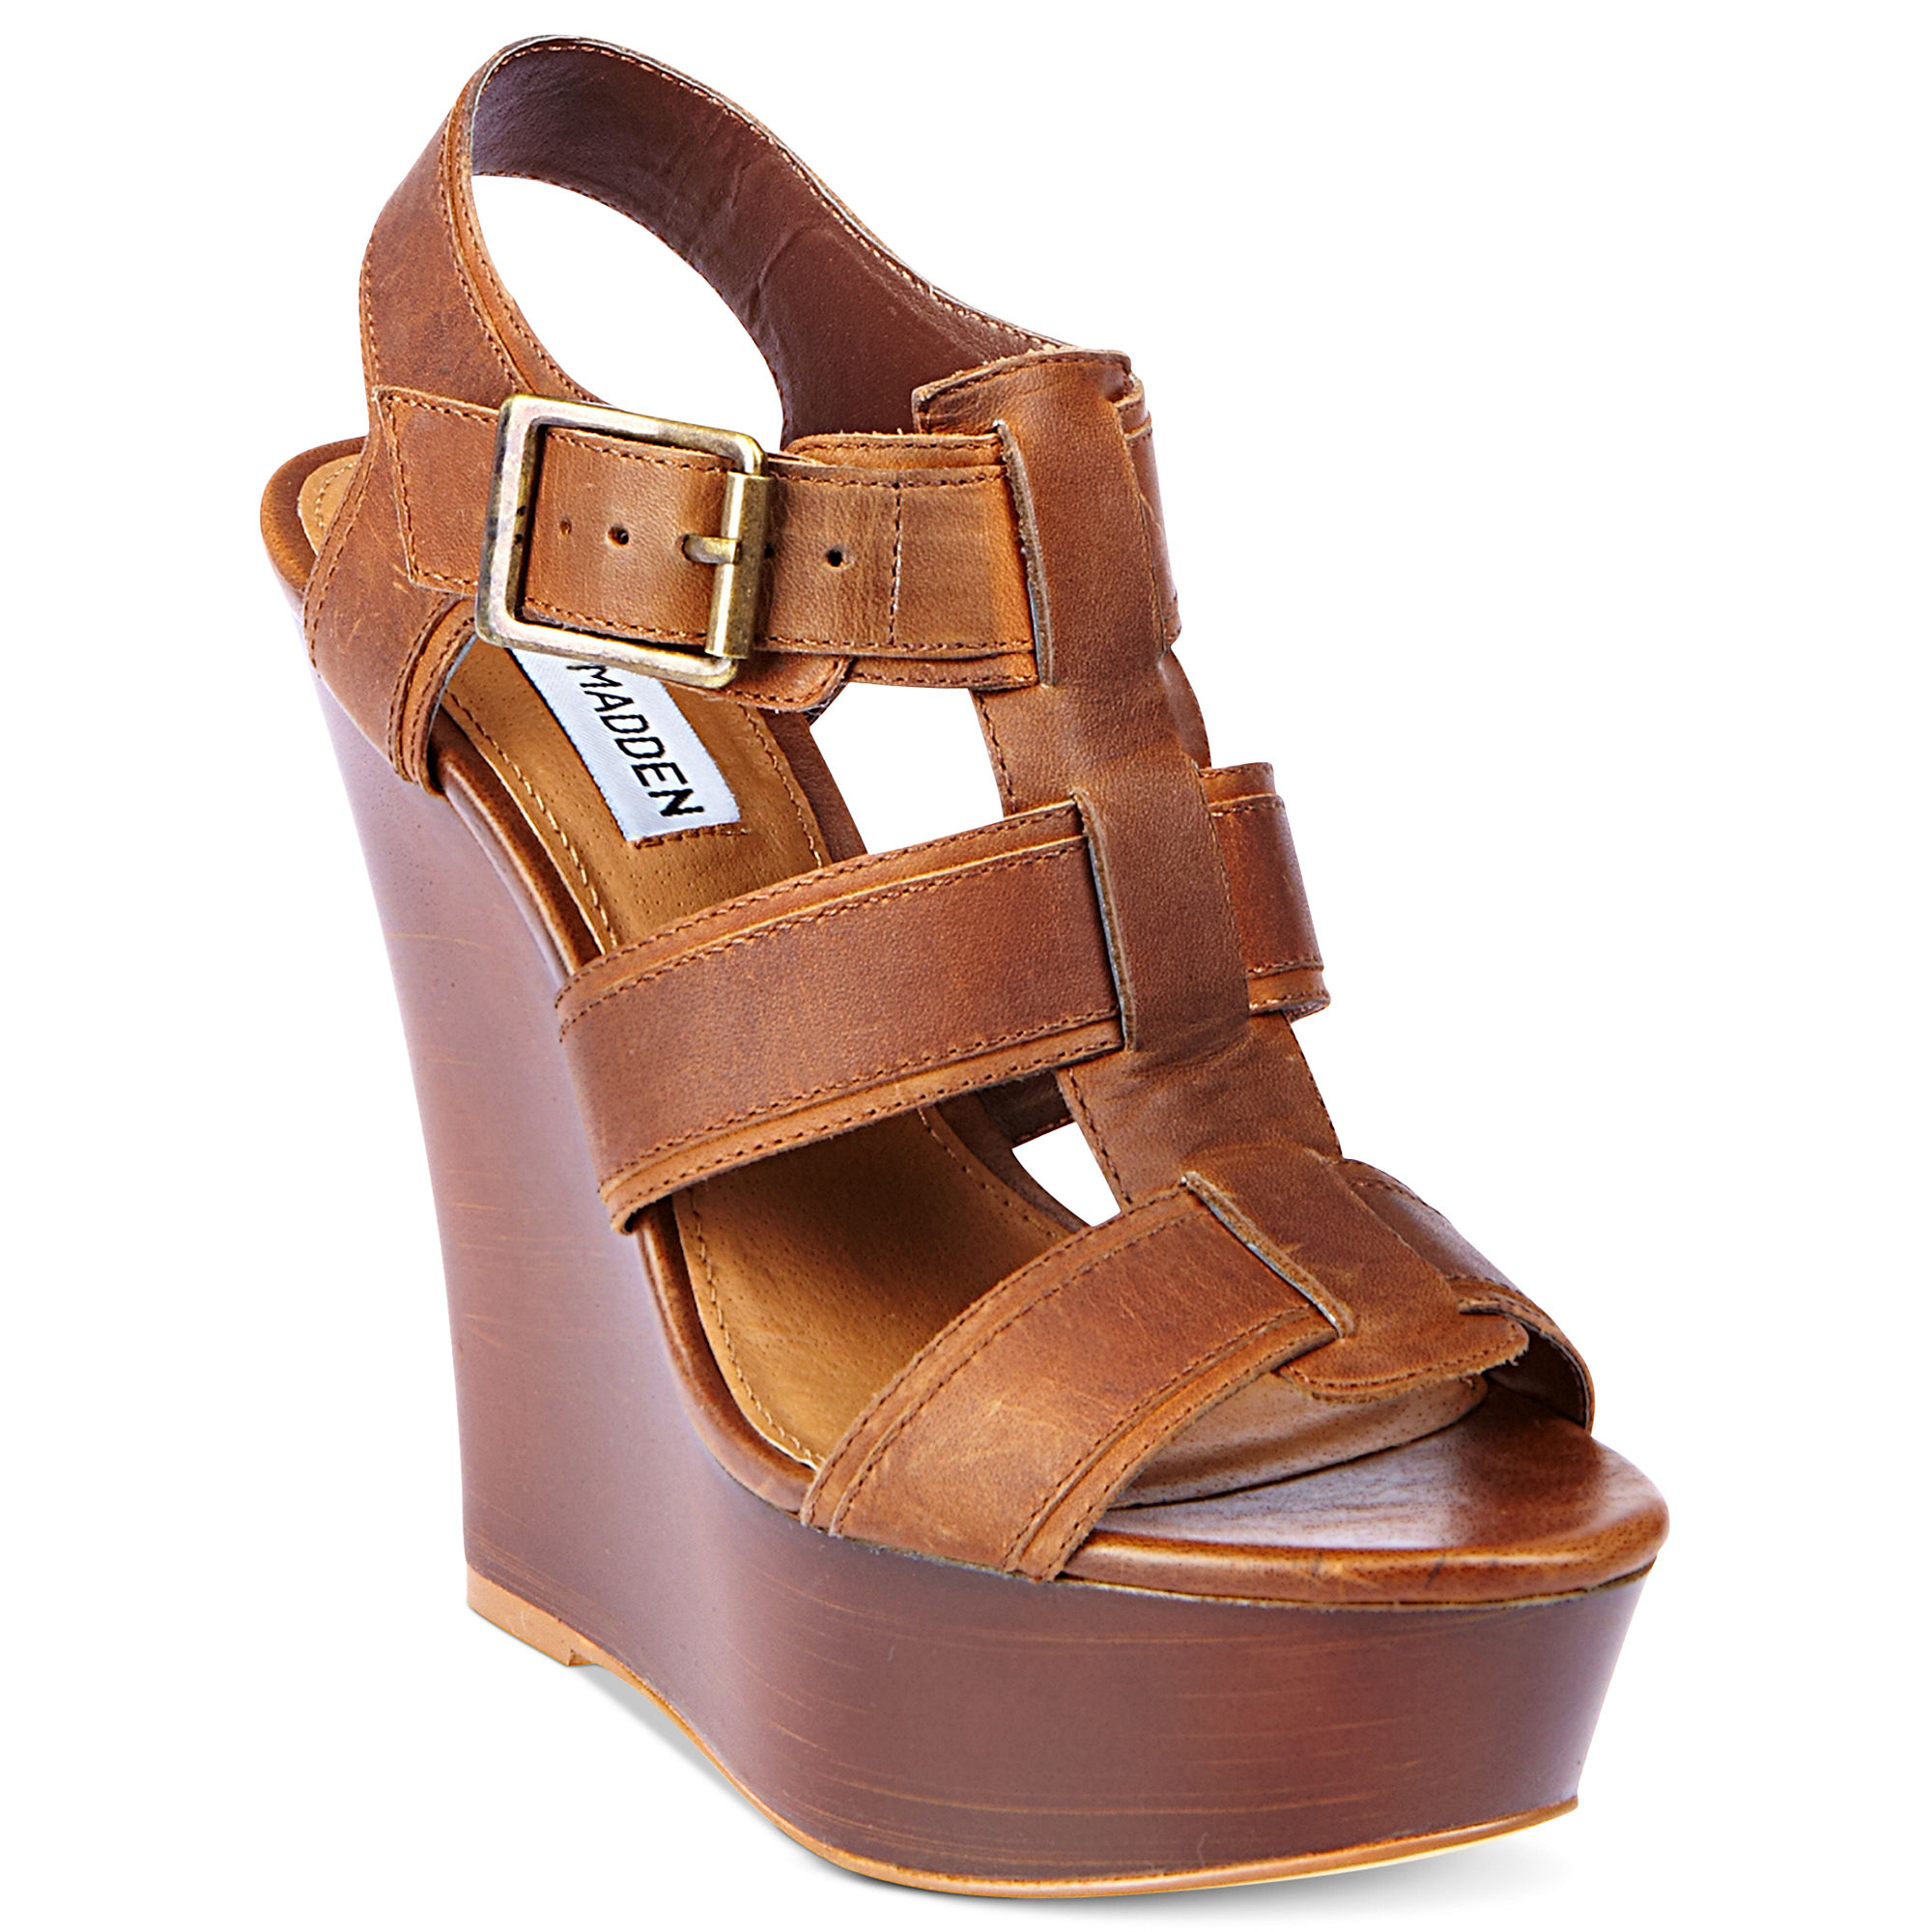 steve madden wanting platform wedge sandals in brown cognac lyst. Black Bedroom Furniture Sets. Home Design Ideas